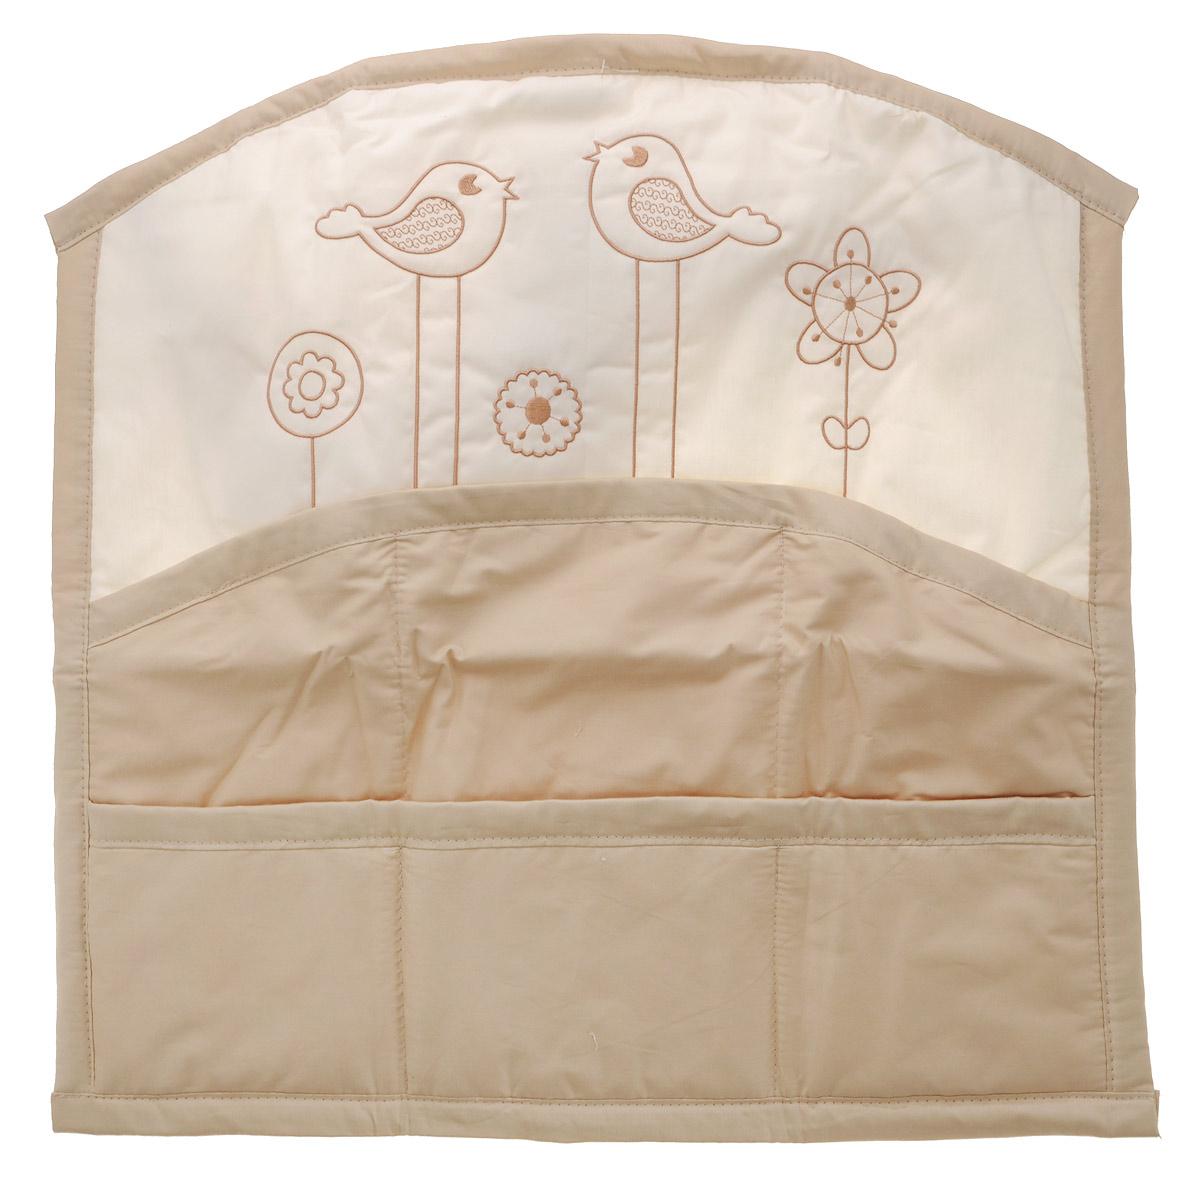 Карман на кроватку Fairy Волшебная полянка, цвет: белый, бежевый, 59 см х 60 см1017.13Карман на кроватку Fairy Волшебная полянка изготовлен из натурального 100% хлопка с наполнителем из полиэстера. Изделие оборудовано шестью вместительными кармашками и предназначено для хранения самых необходимых вещей малыша (игрушки, соски, бутылочки, подгузников или пеленки) и создания благоприятного эмоционального фона детской комнаты. С помощью текстильных веревочек, карман можно привязывать к спинке кроватки, как с внешней, так и с внутренней стороны. Общий размер изделия: 59 см х 60 см. Средний размер кармашков: 17 см х 18 см.